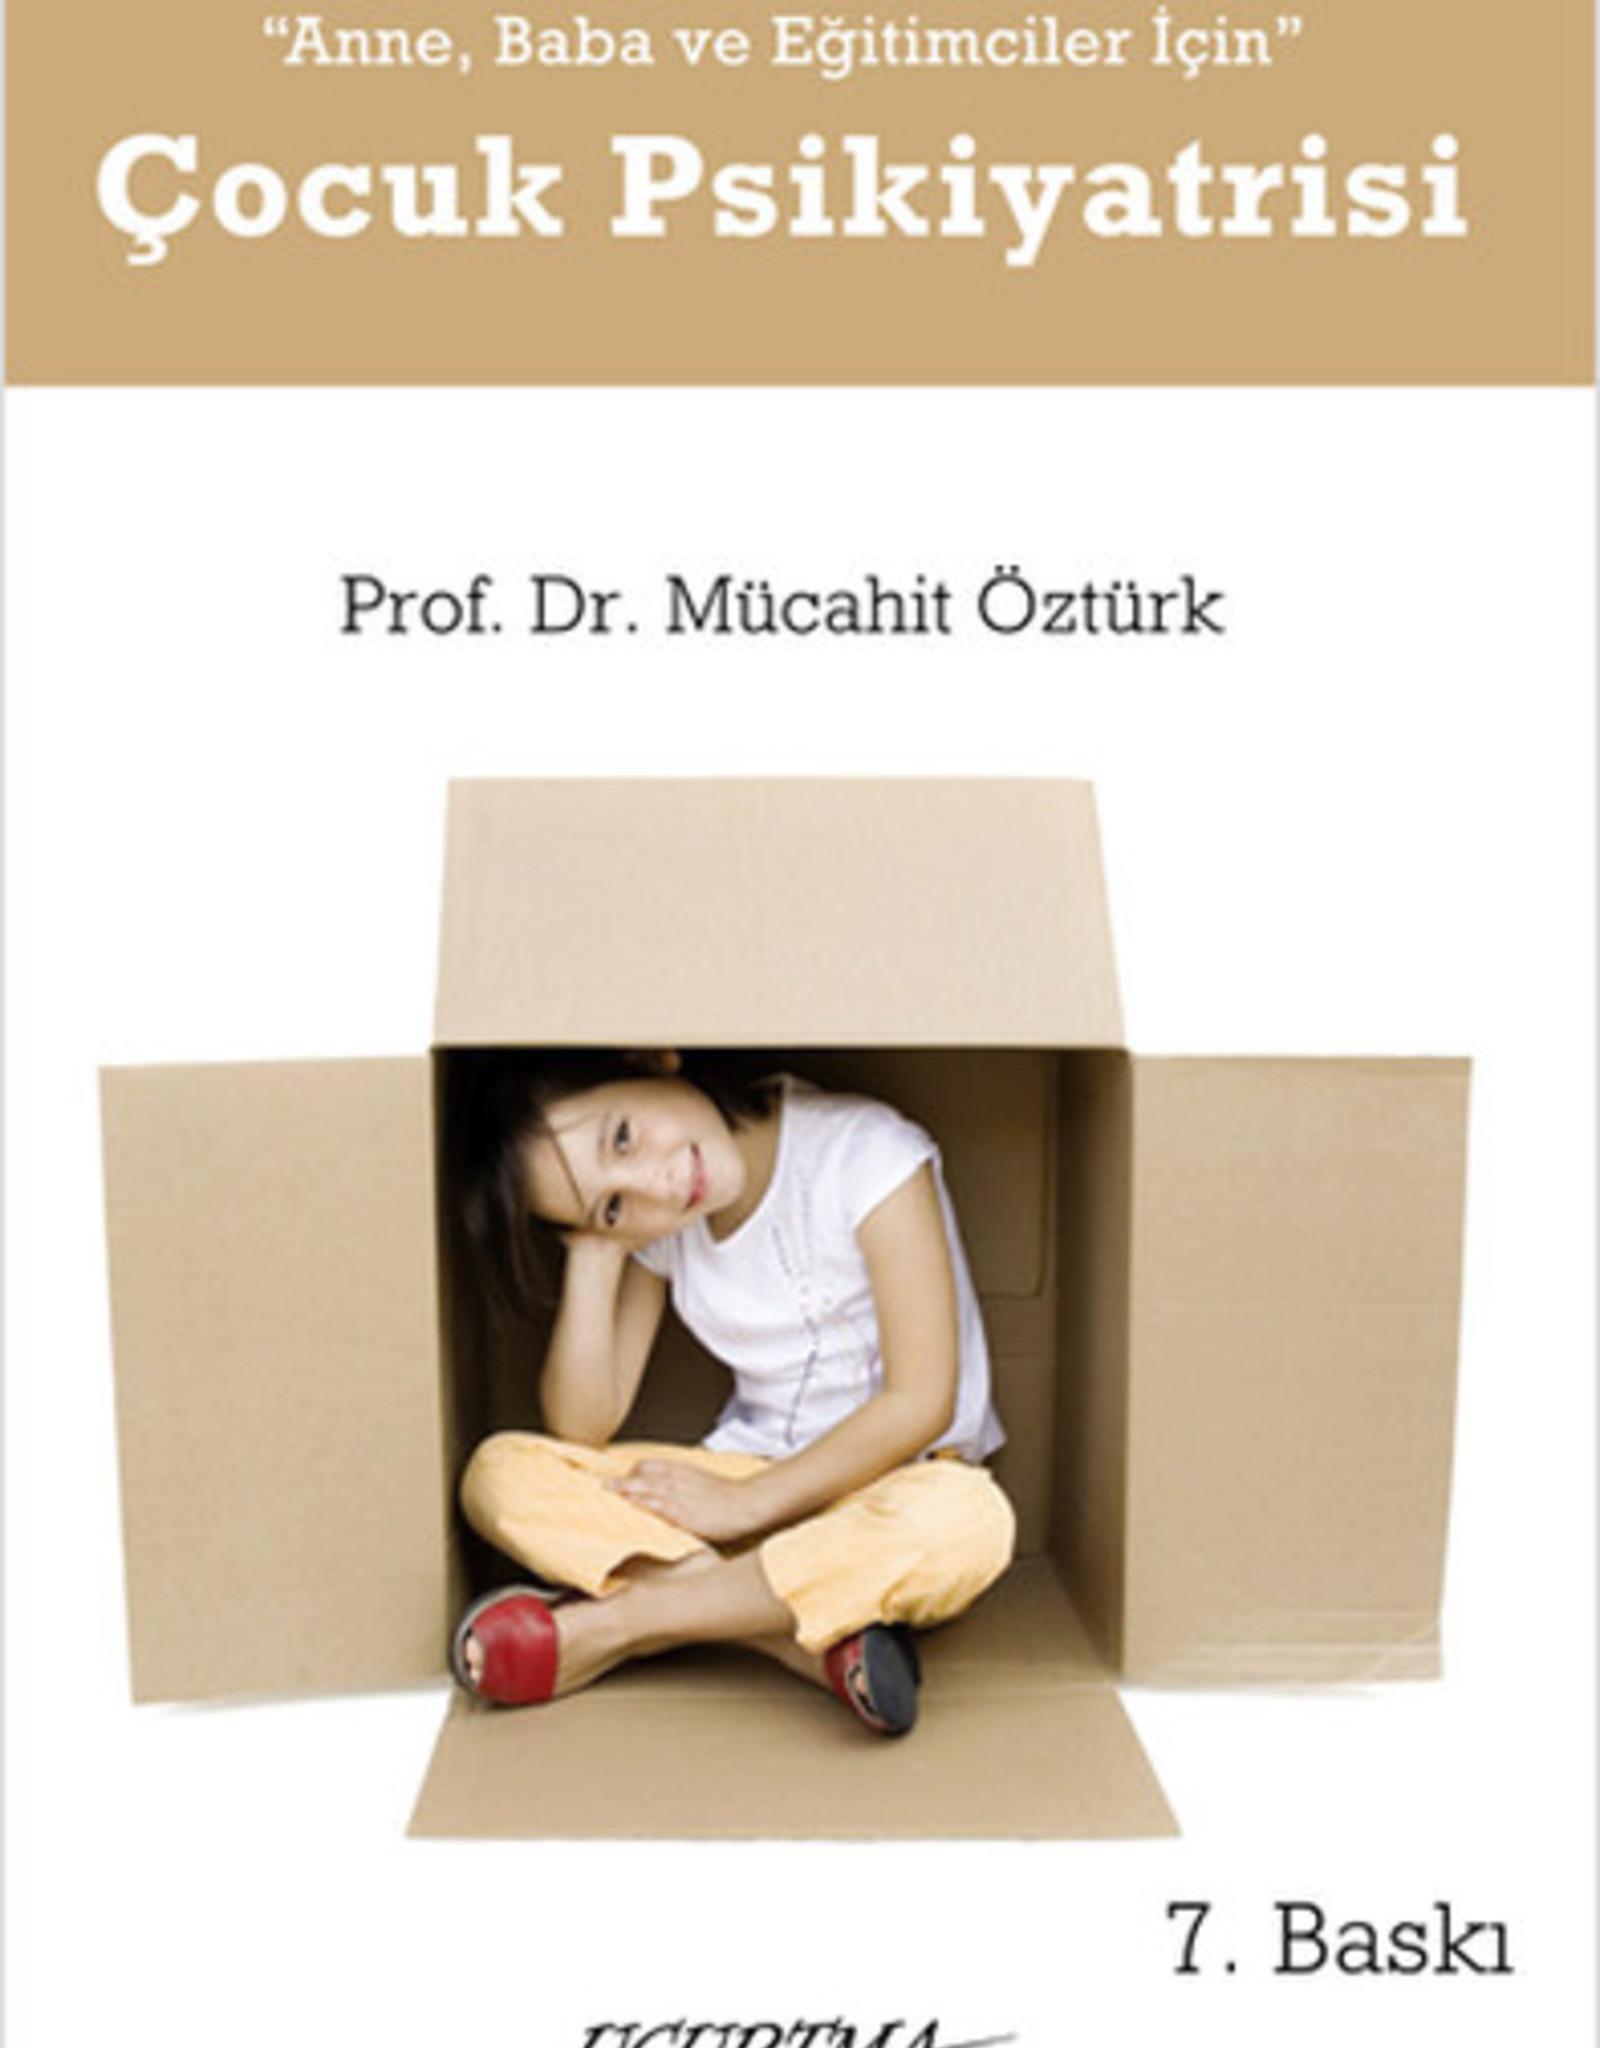 Anne, Baba ve Eğitimciler için Çocuk Psikiyatrisi